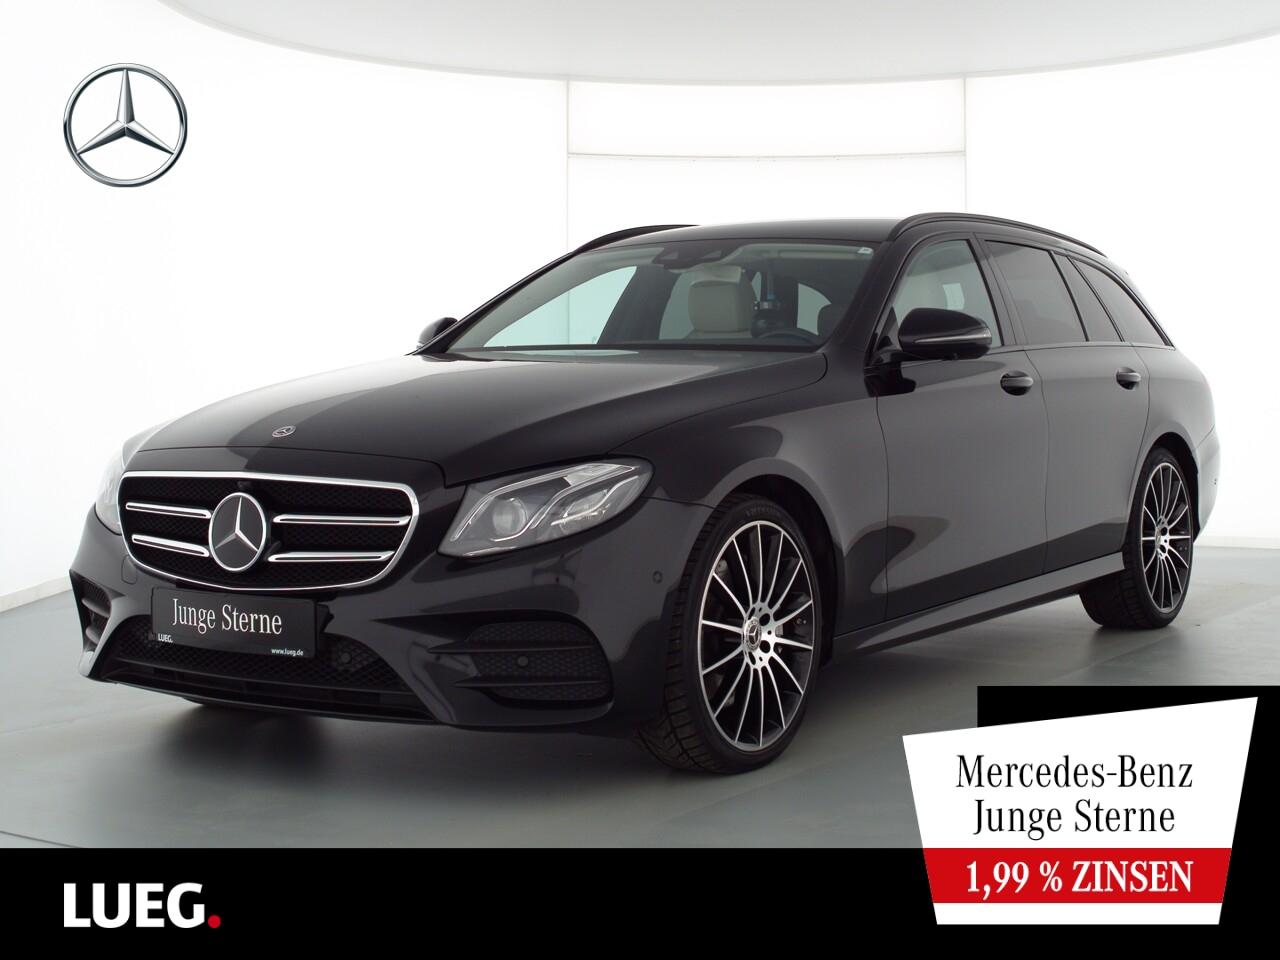 Mercedes-Benz E 400 d T 4M AMG+COM+Mbeam+20''+DistrP+Widesc+36, Jahr 2019, Diesel